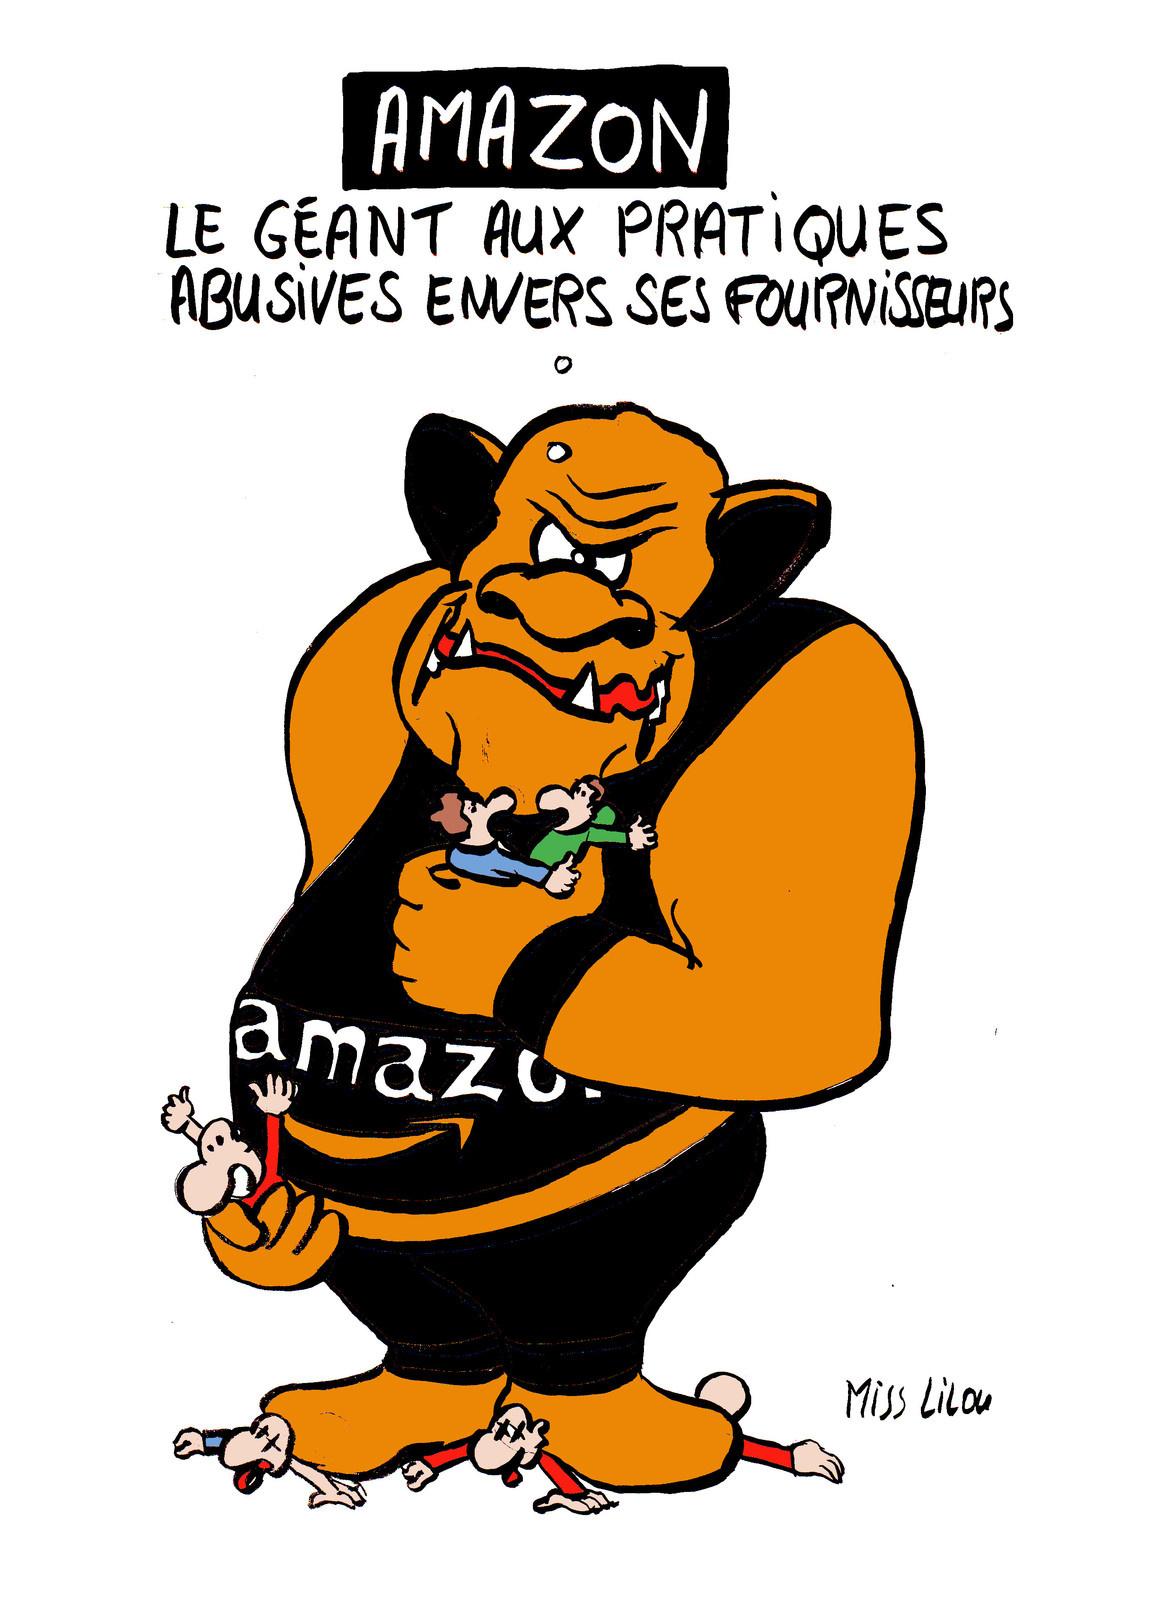 dessin humoristique du troll Amazon écrasant ses fournisseurs